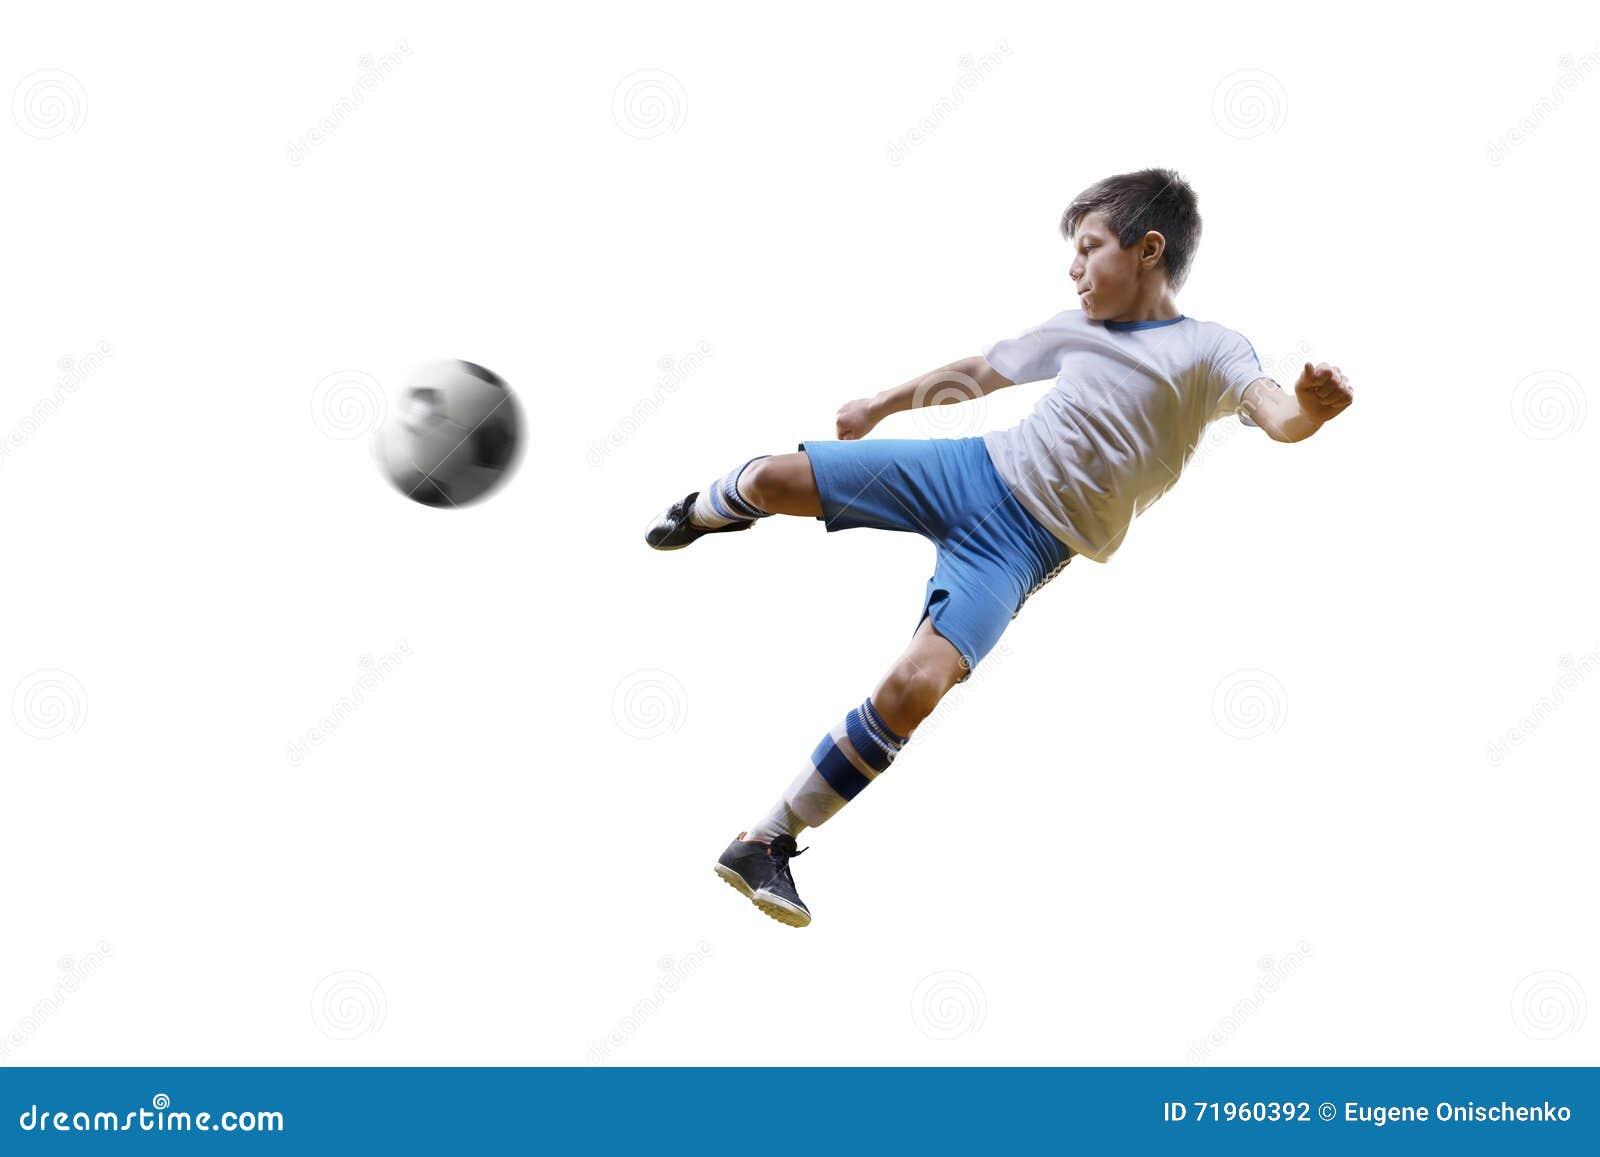 Мальчик с футбольным мячом, футболист на белой предпосылке изолировано